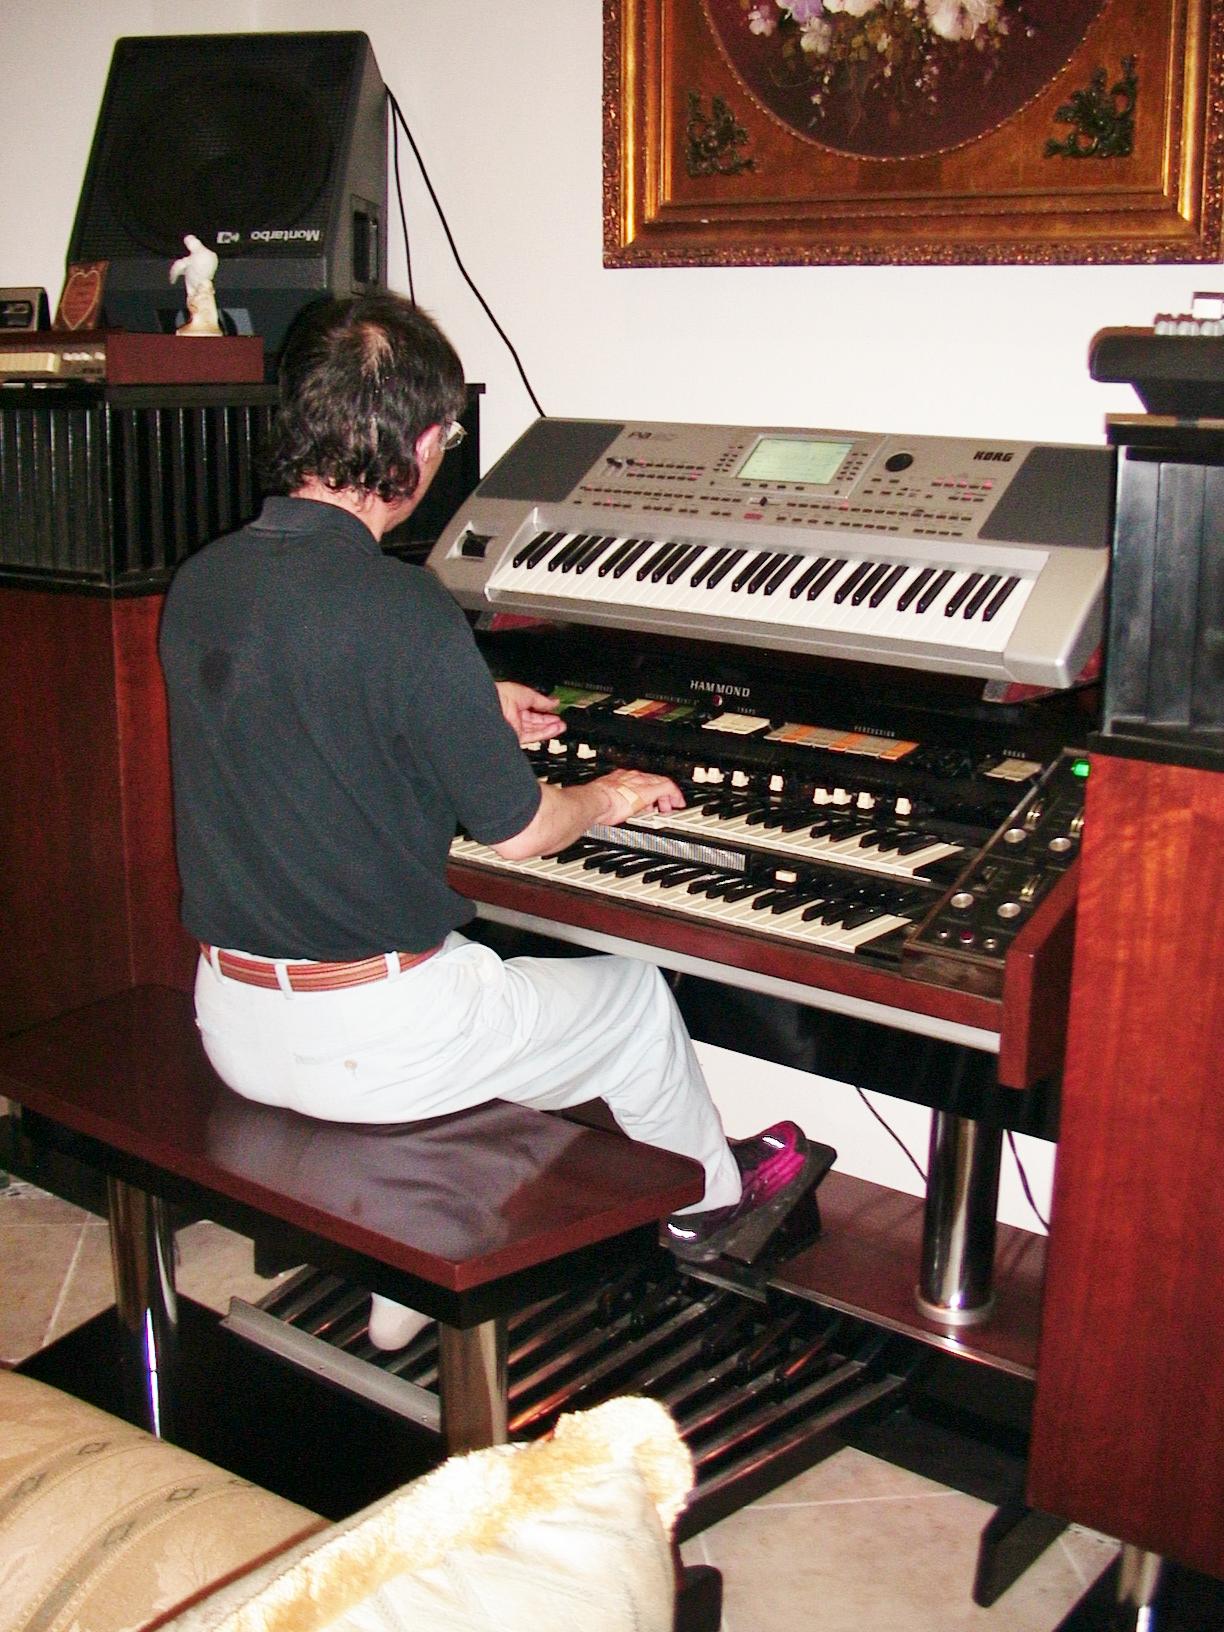 Mexico にて X-66 ハモンドを演奏